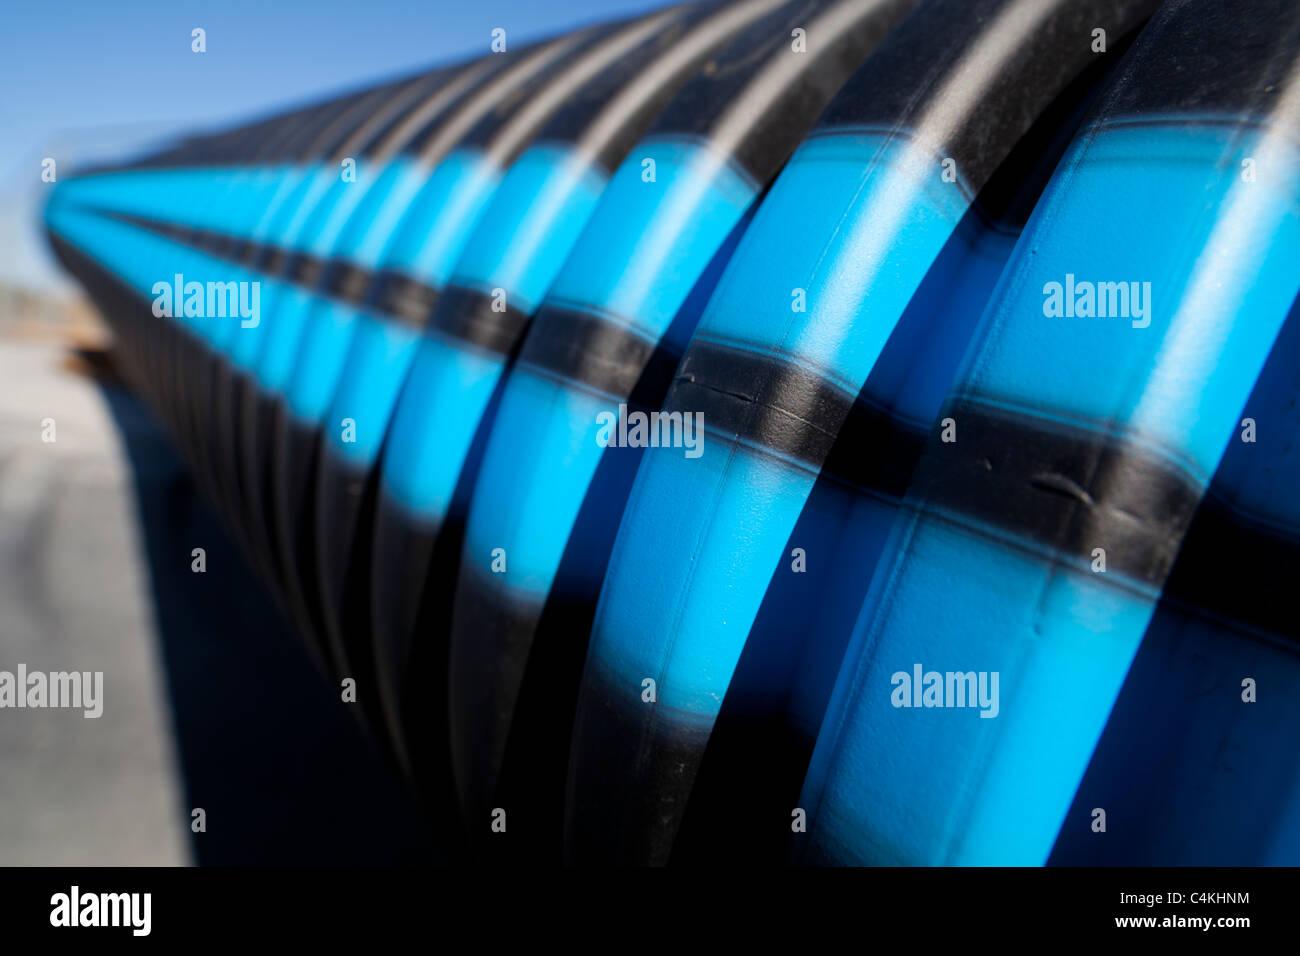 Azul e listras pretas na superfície do tubo de água de PVC ranhurada Imagens de Stock